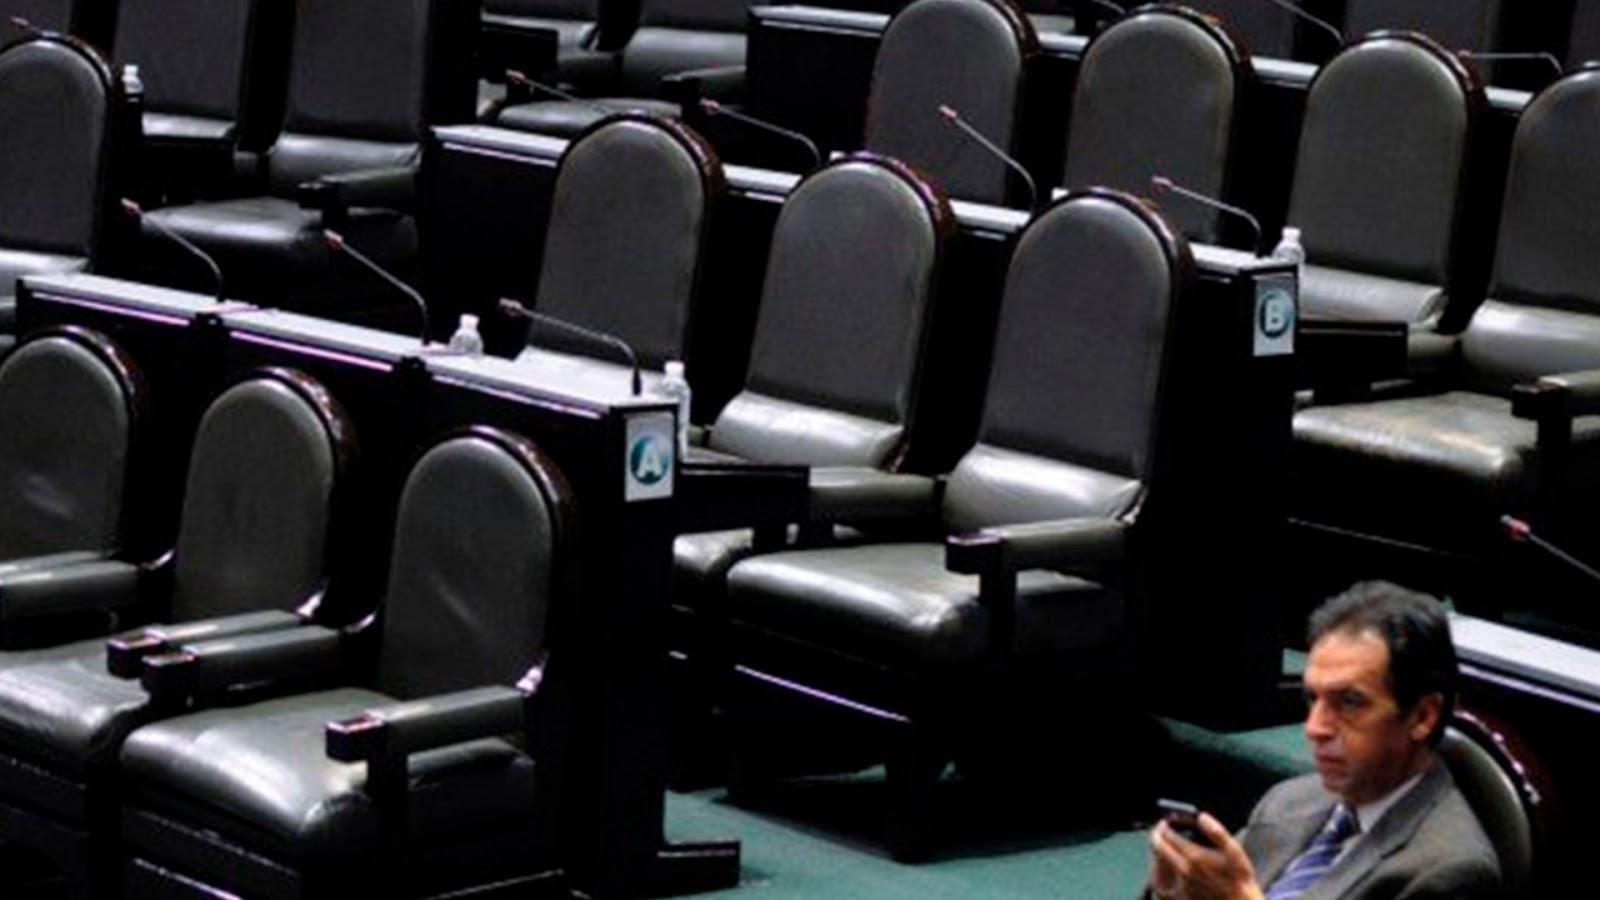 El PRI está en el hoyo, será la quinta fuerza política en la Cámara de Diputados